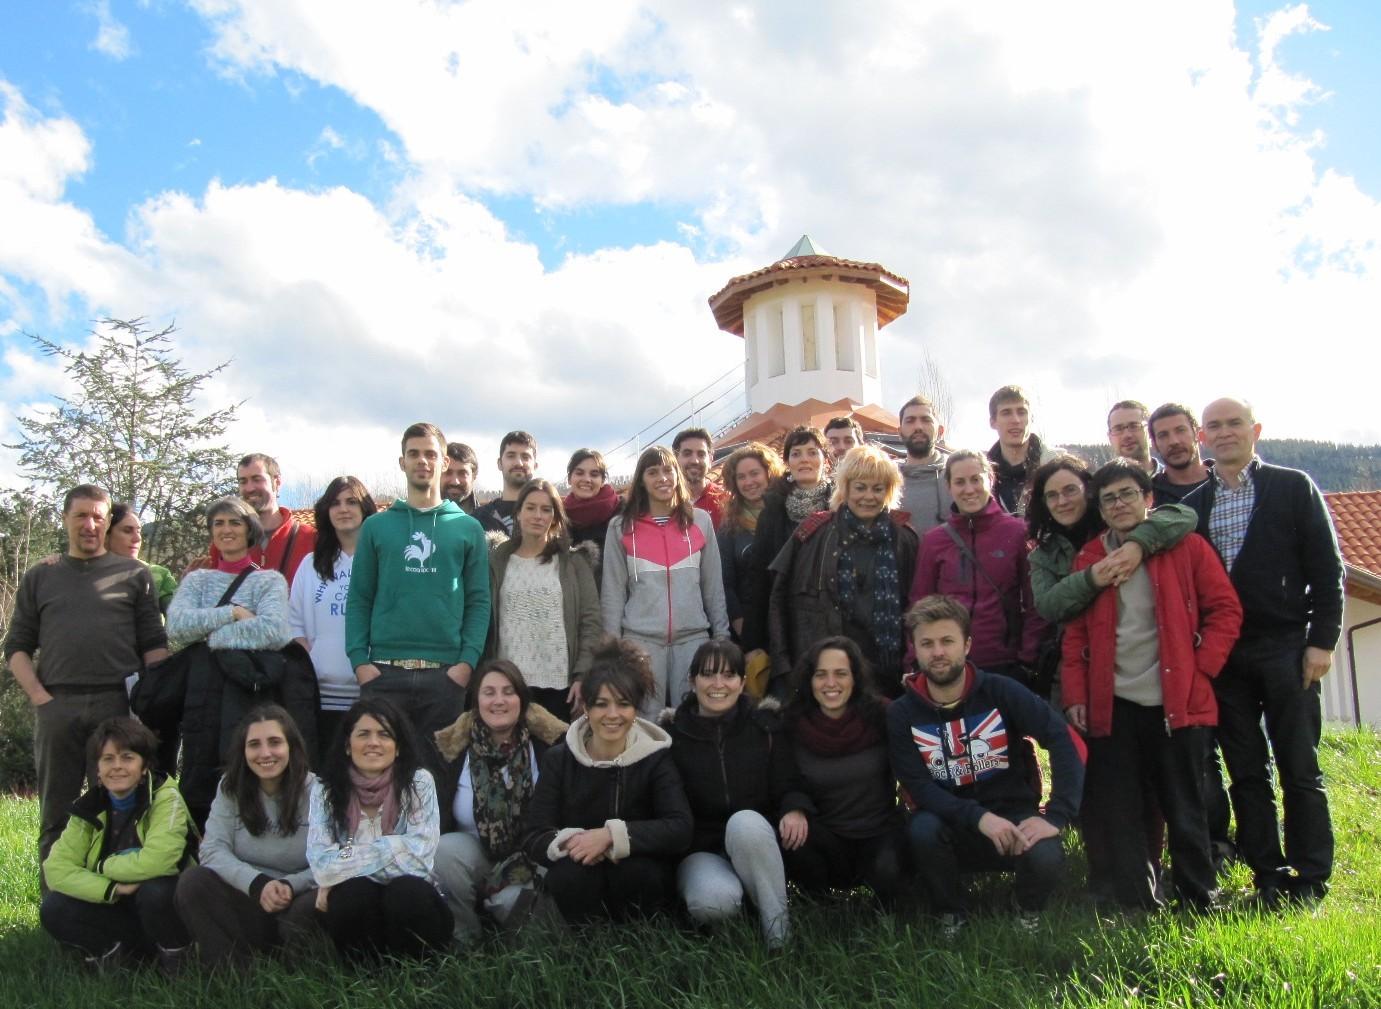 33 Promoción RPG Bilbao 2014-2016. 1ª promoción universitaria.